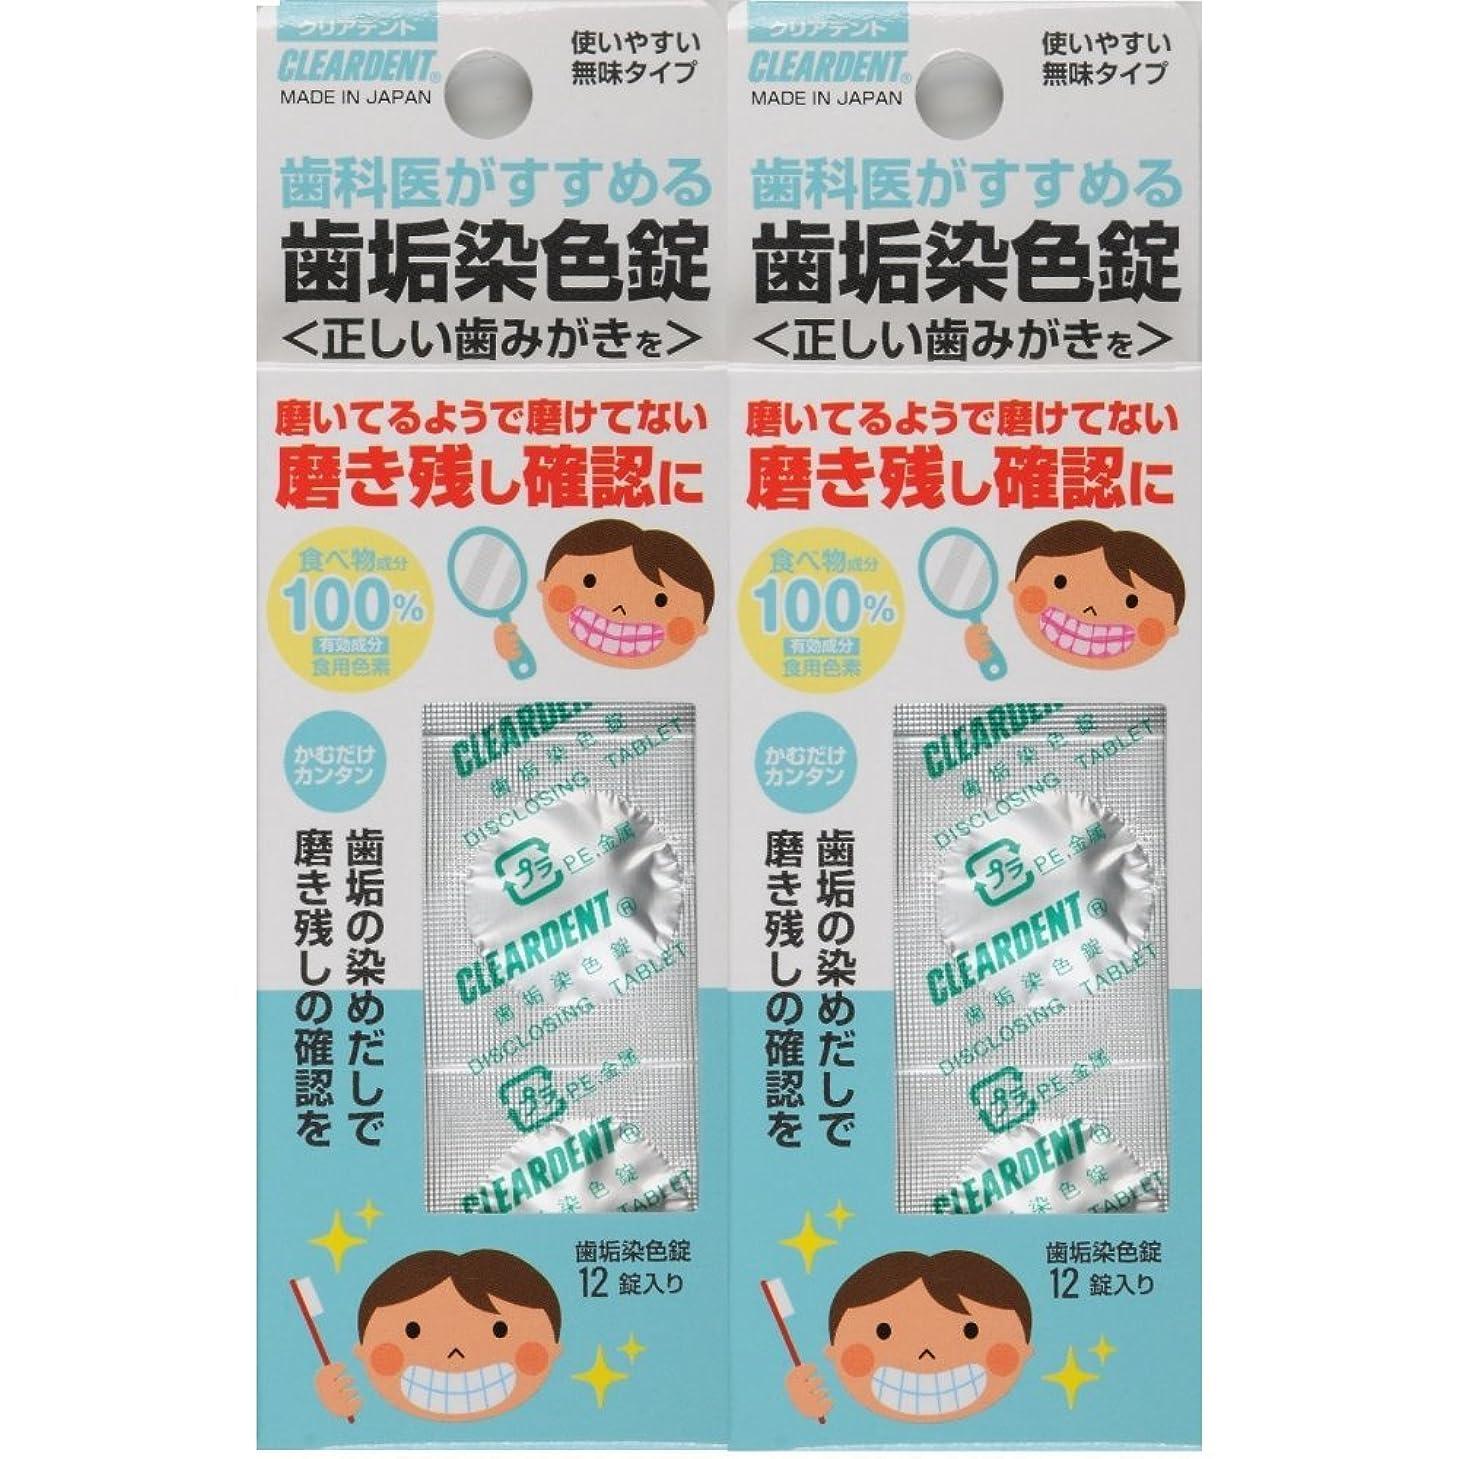 拡散する補体フォアタイプクリアデント 歯垢染色錠 2個パック